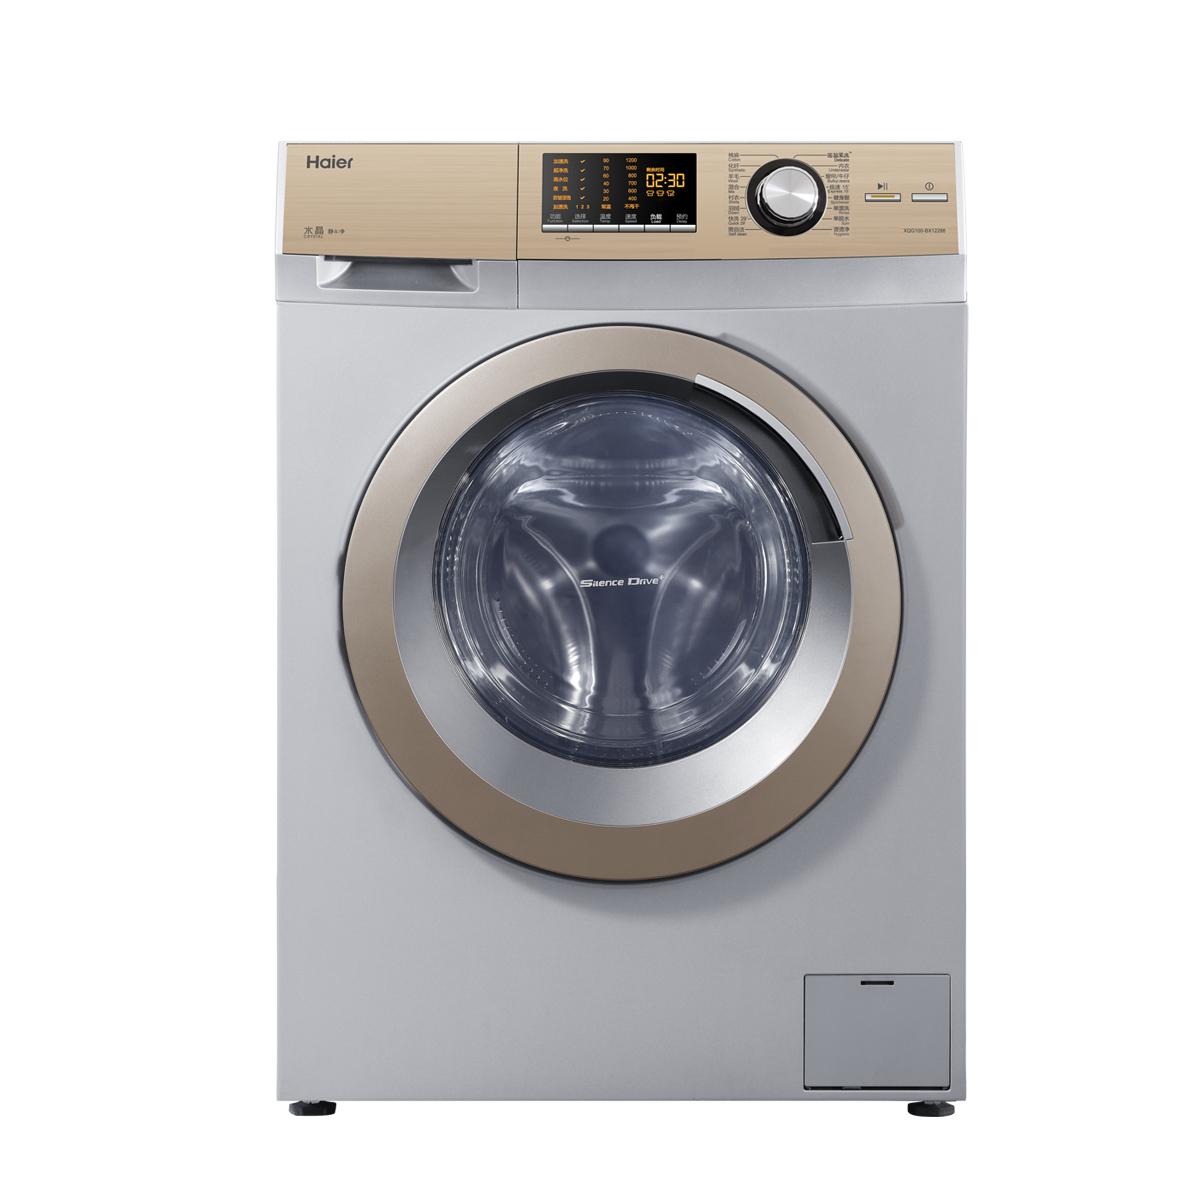 海尔Haier洗衣机 XQG100-BX12288 说明书